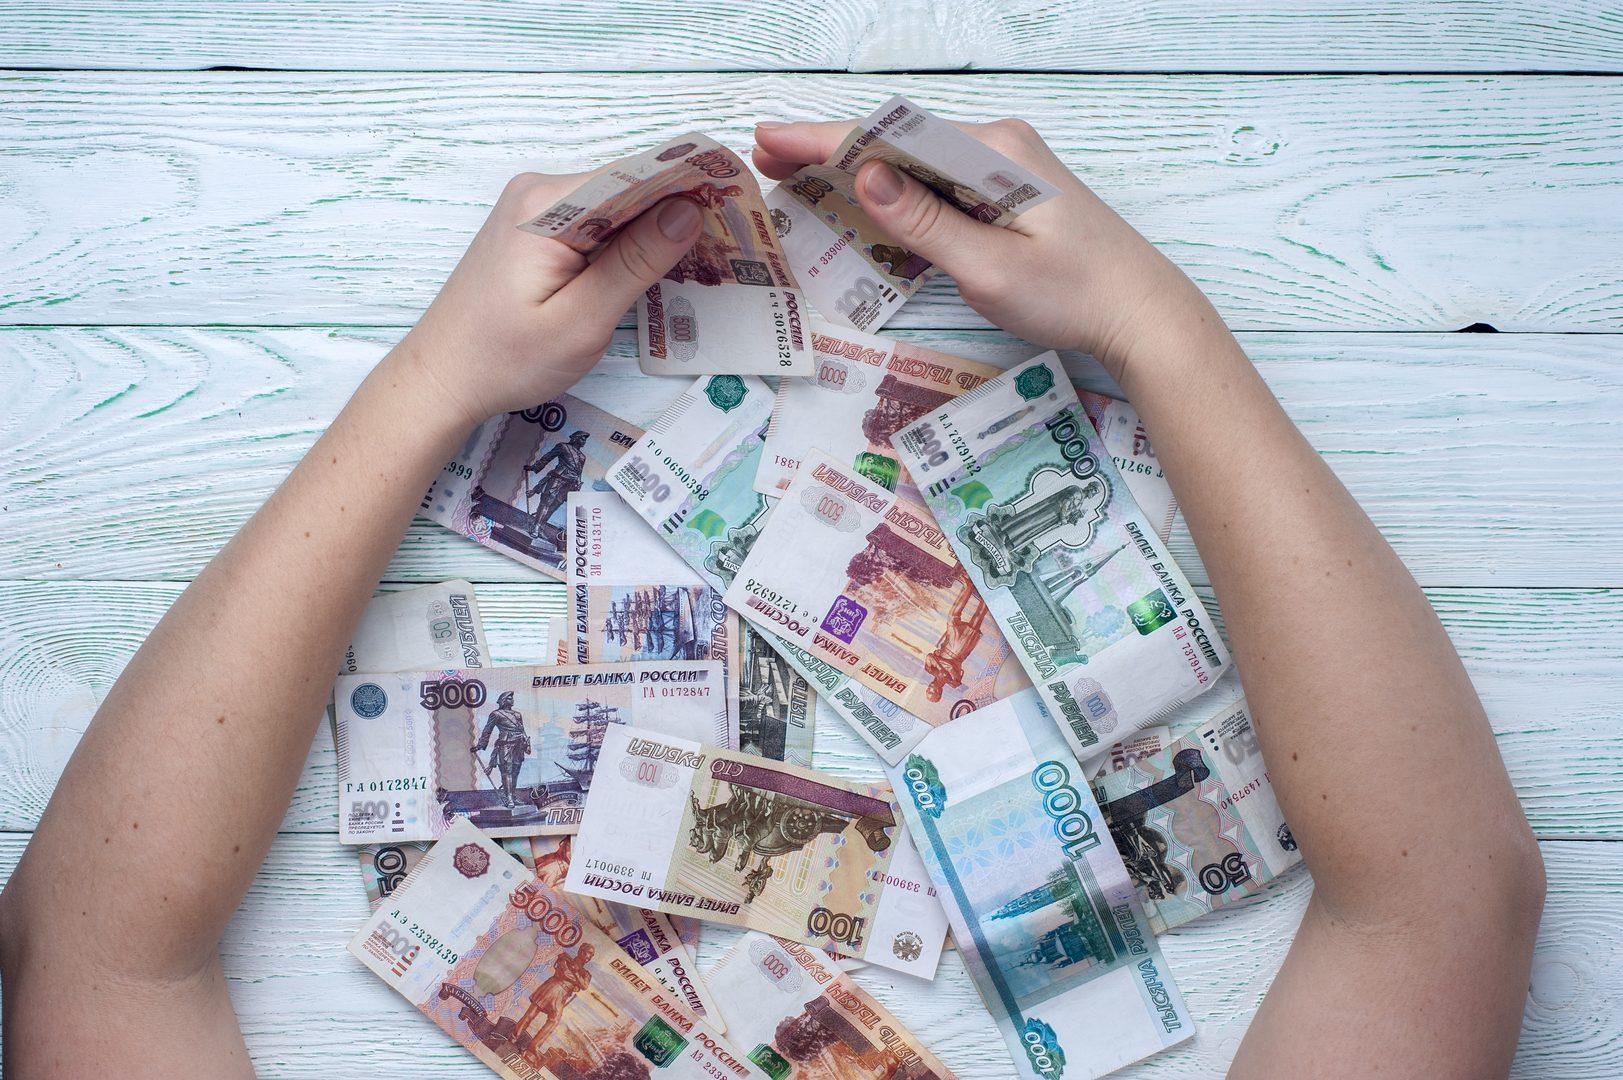 фото счастье не в деньгах тратят много сил